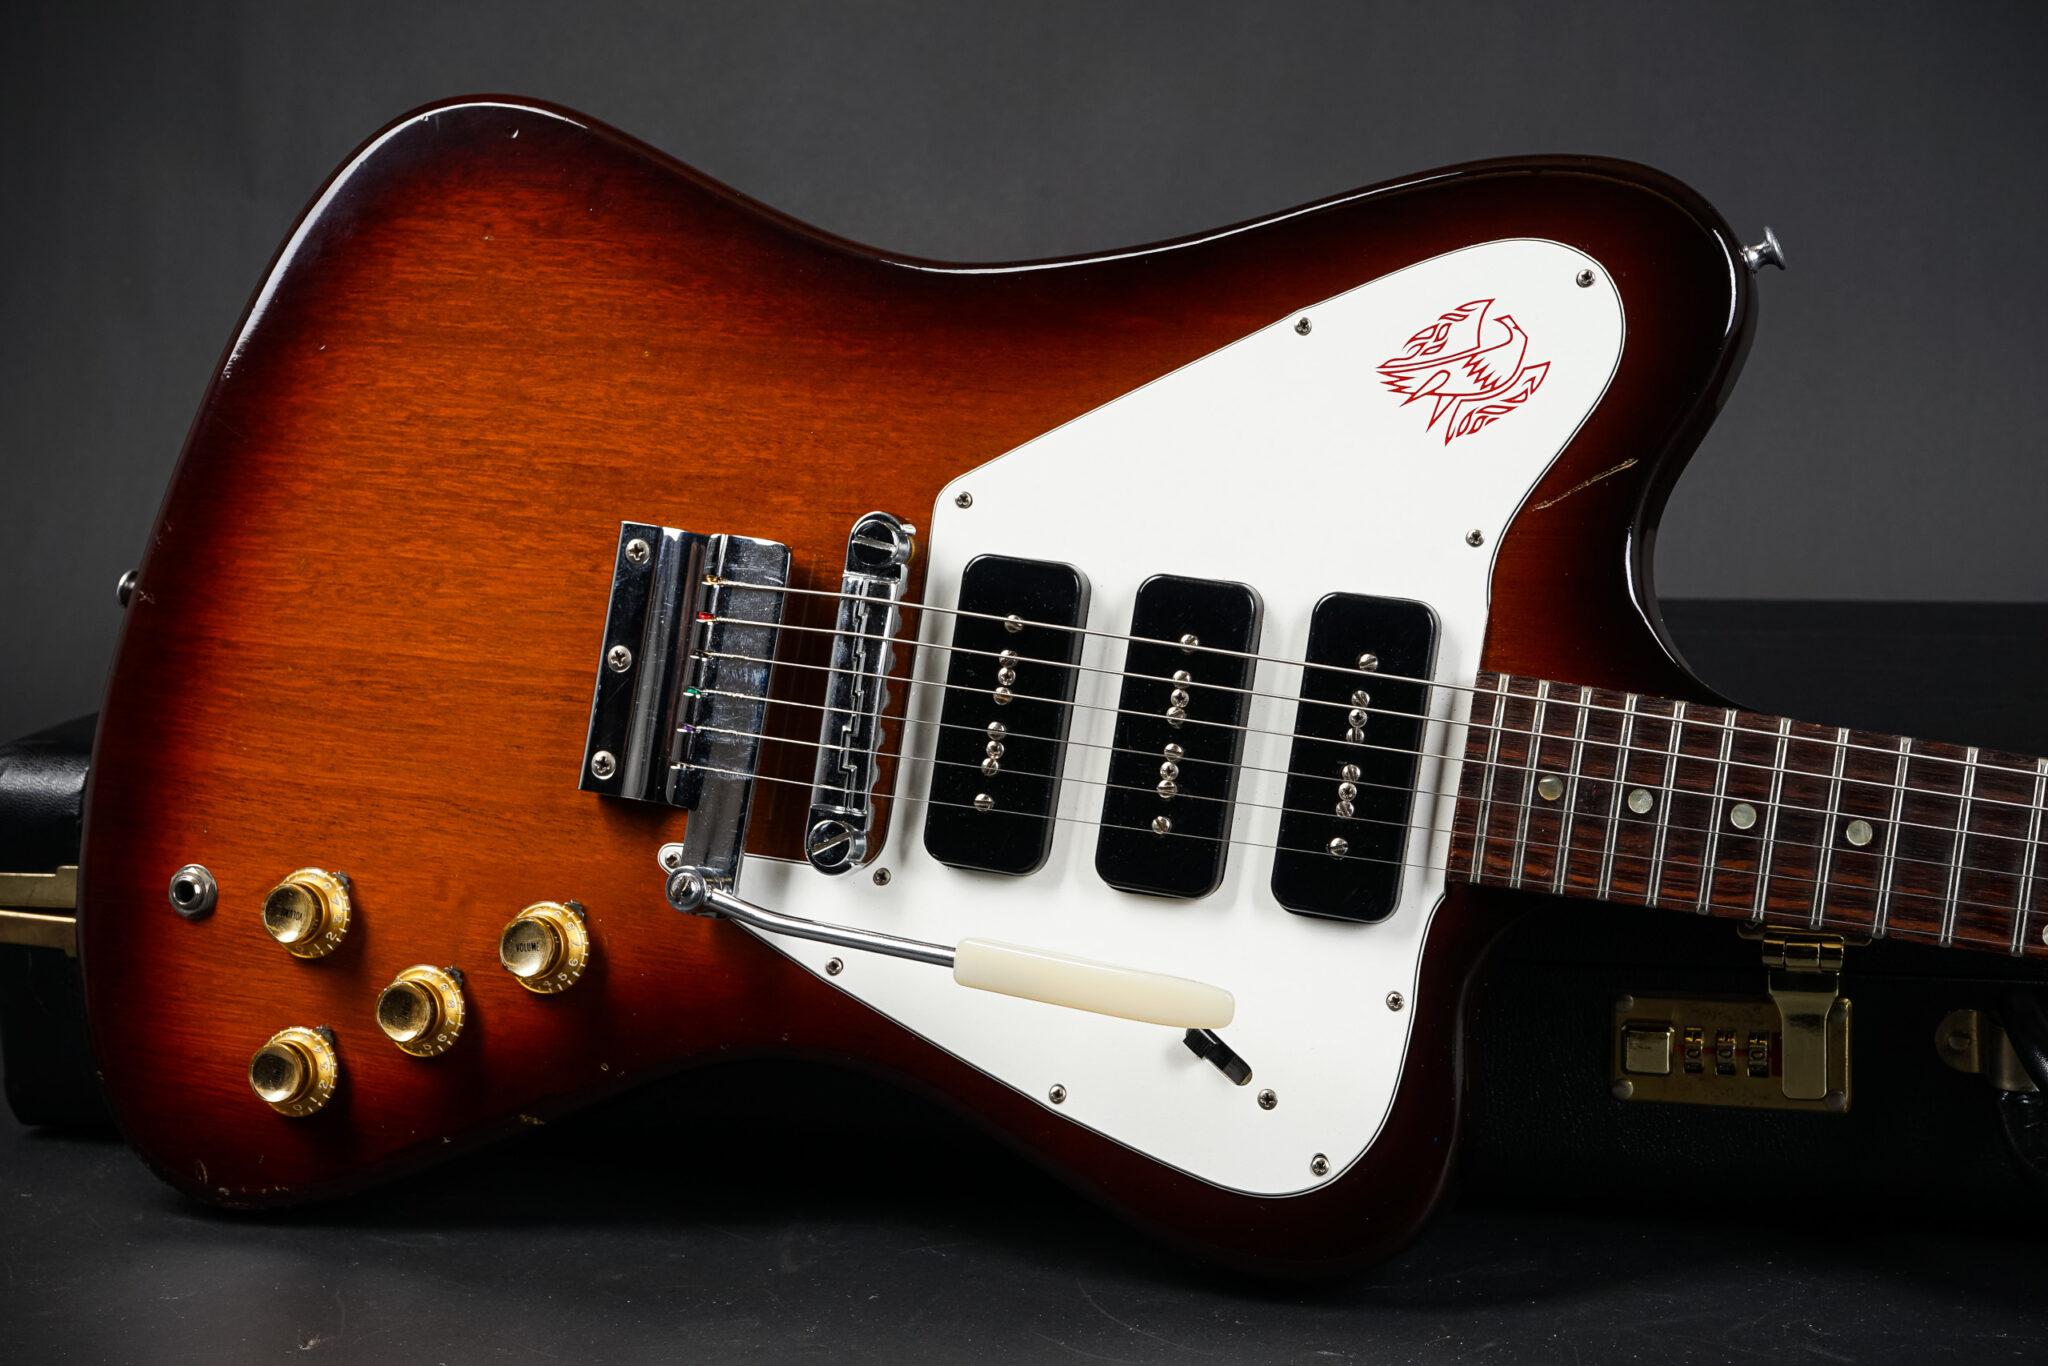 https://guitarpoint.de/app/uploads/products/1965-gibson-firebird-iii-non-reversed-sunburst/1965-Gibson-Firebird-Non-Reverse-517960-10-2048x1366.jpg